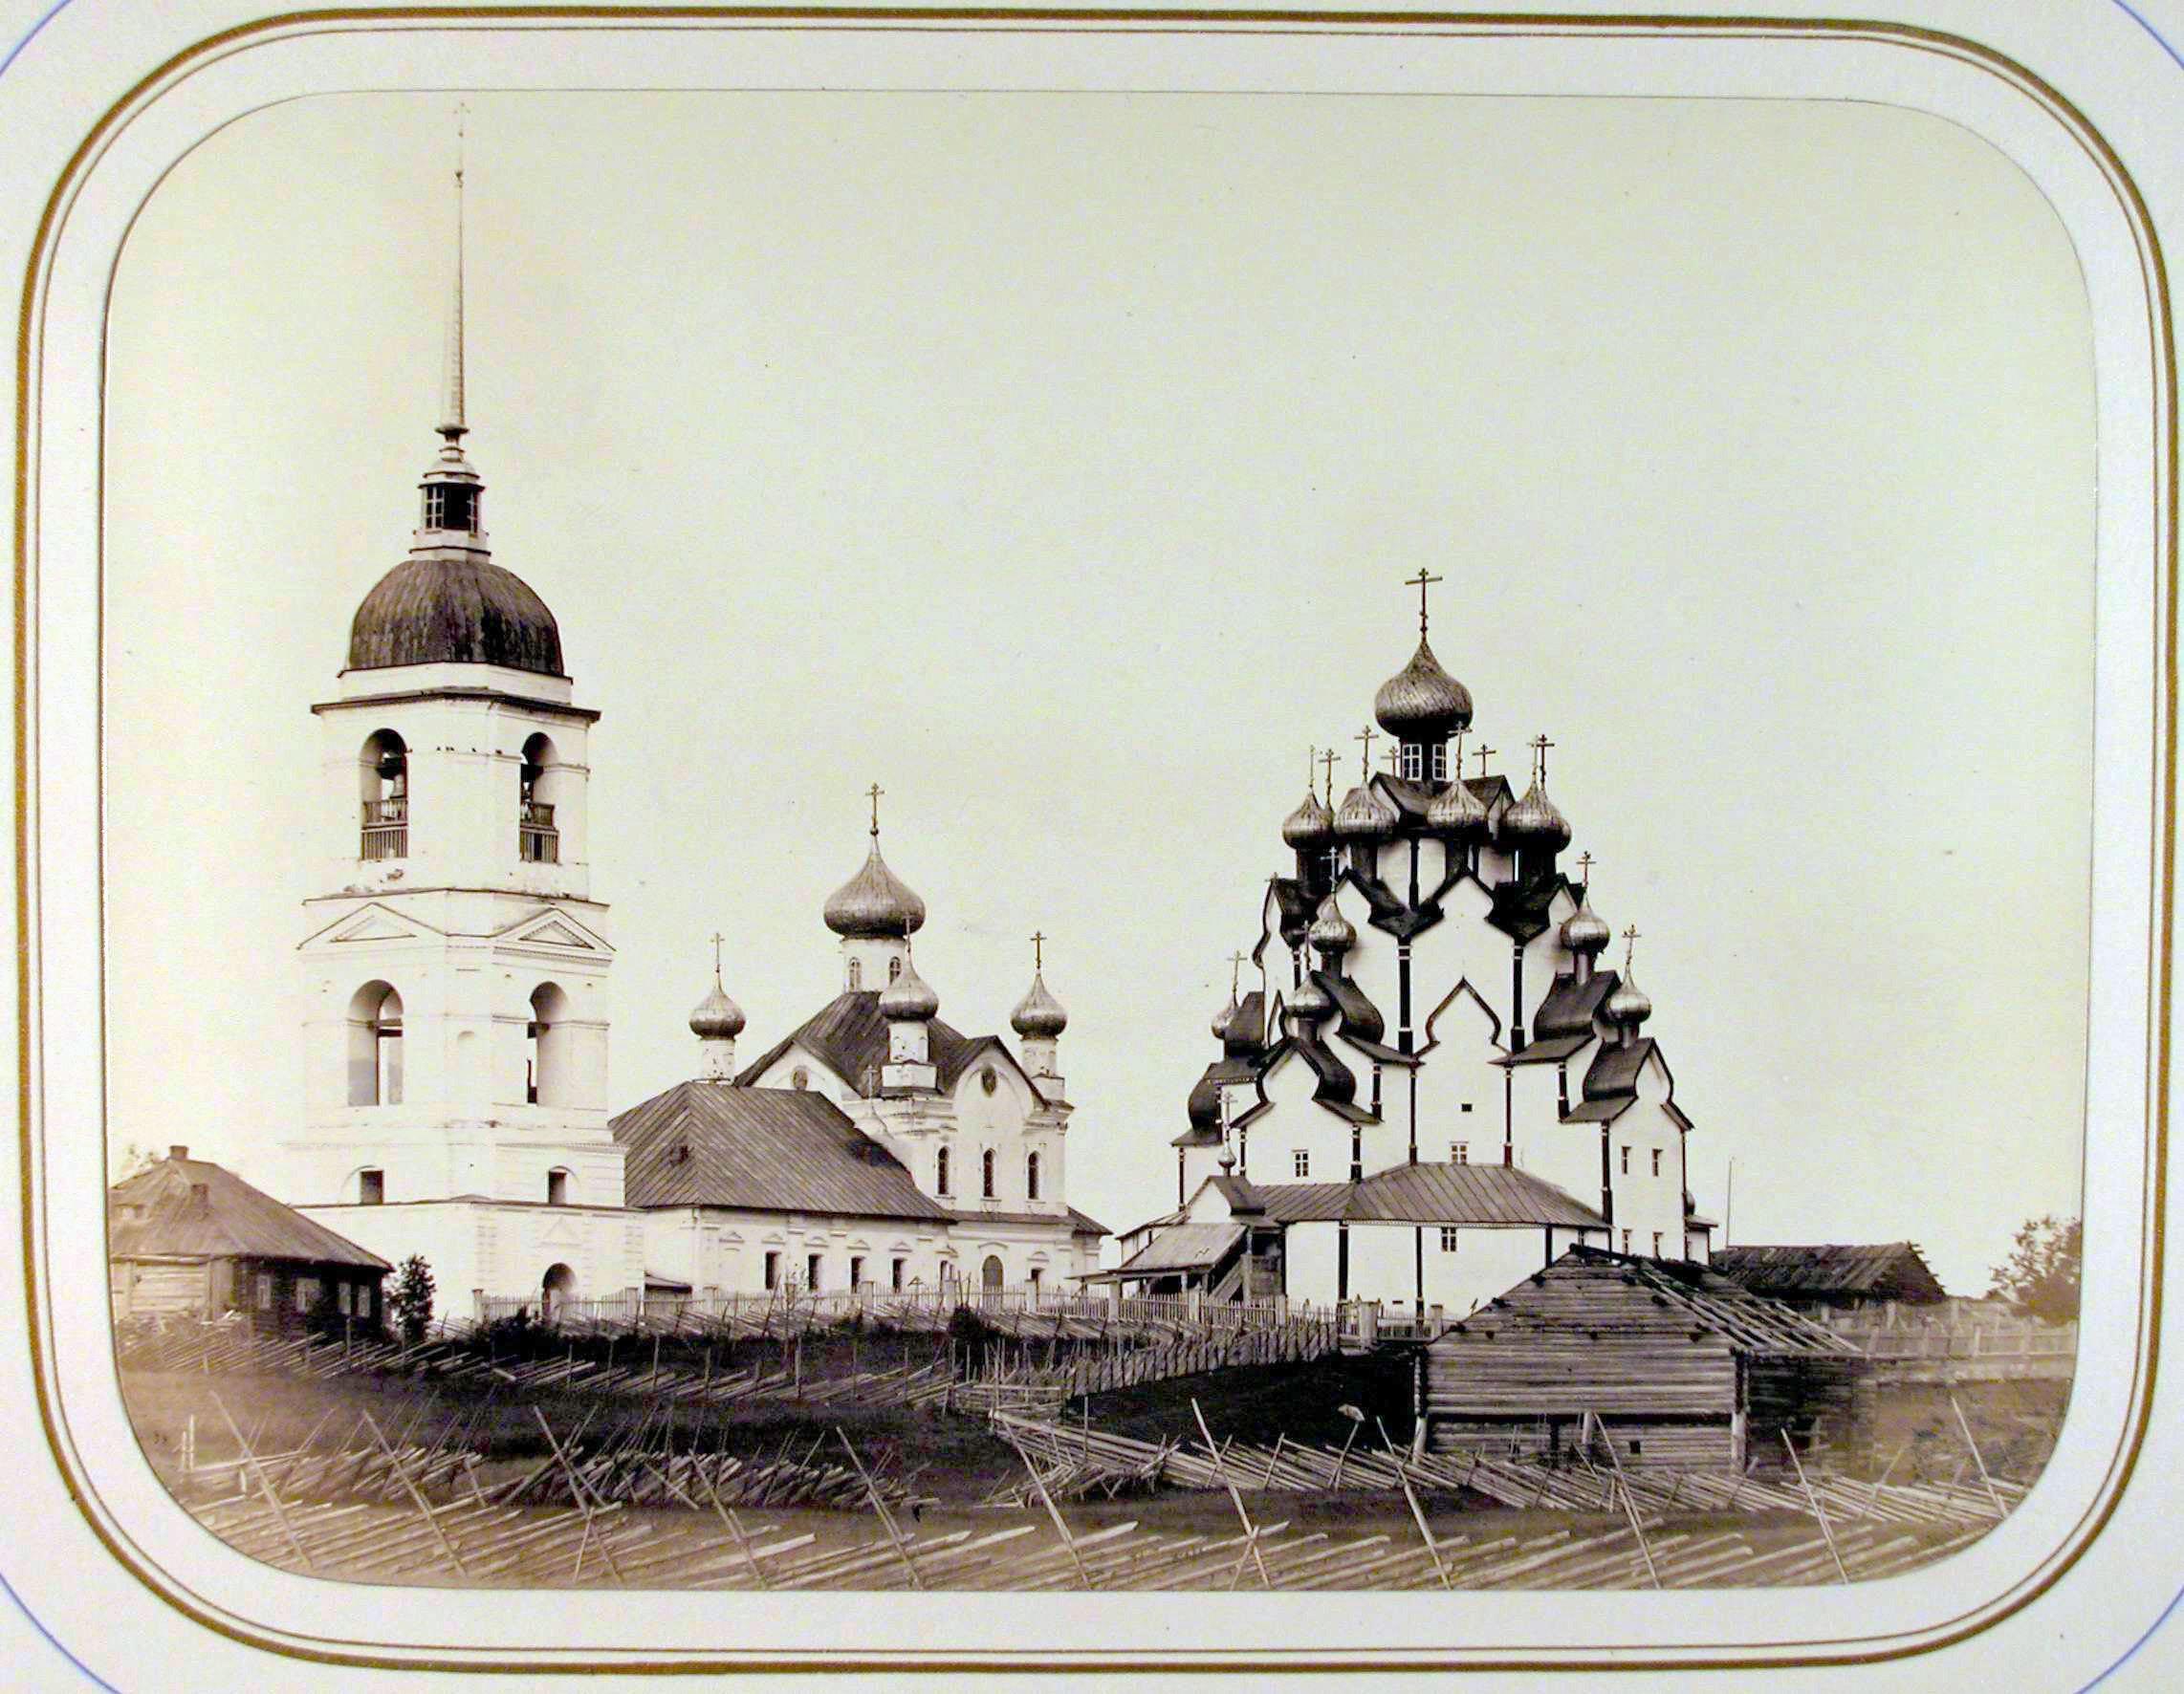 Вид на церковь и колокольню Вытегорского погоста на берегу реки Вытегры